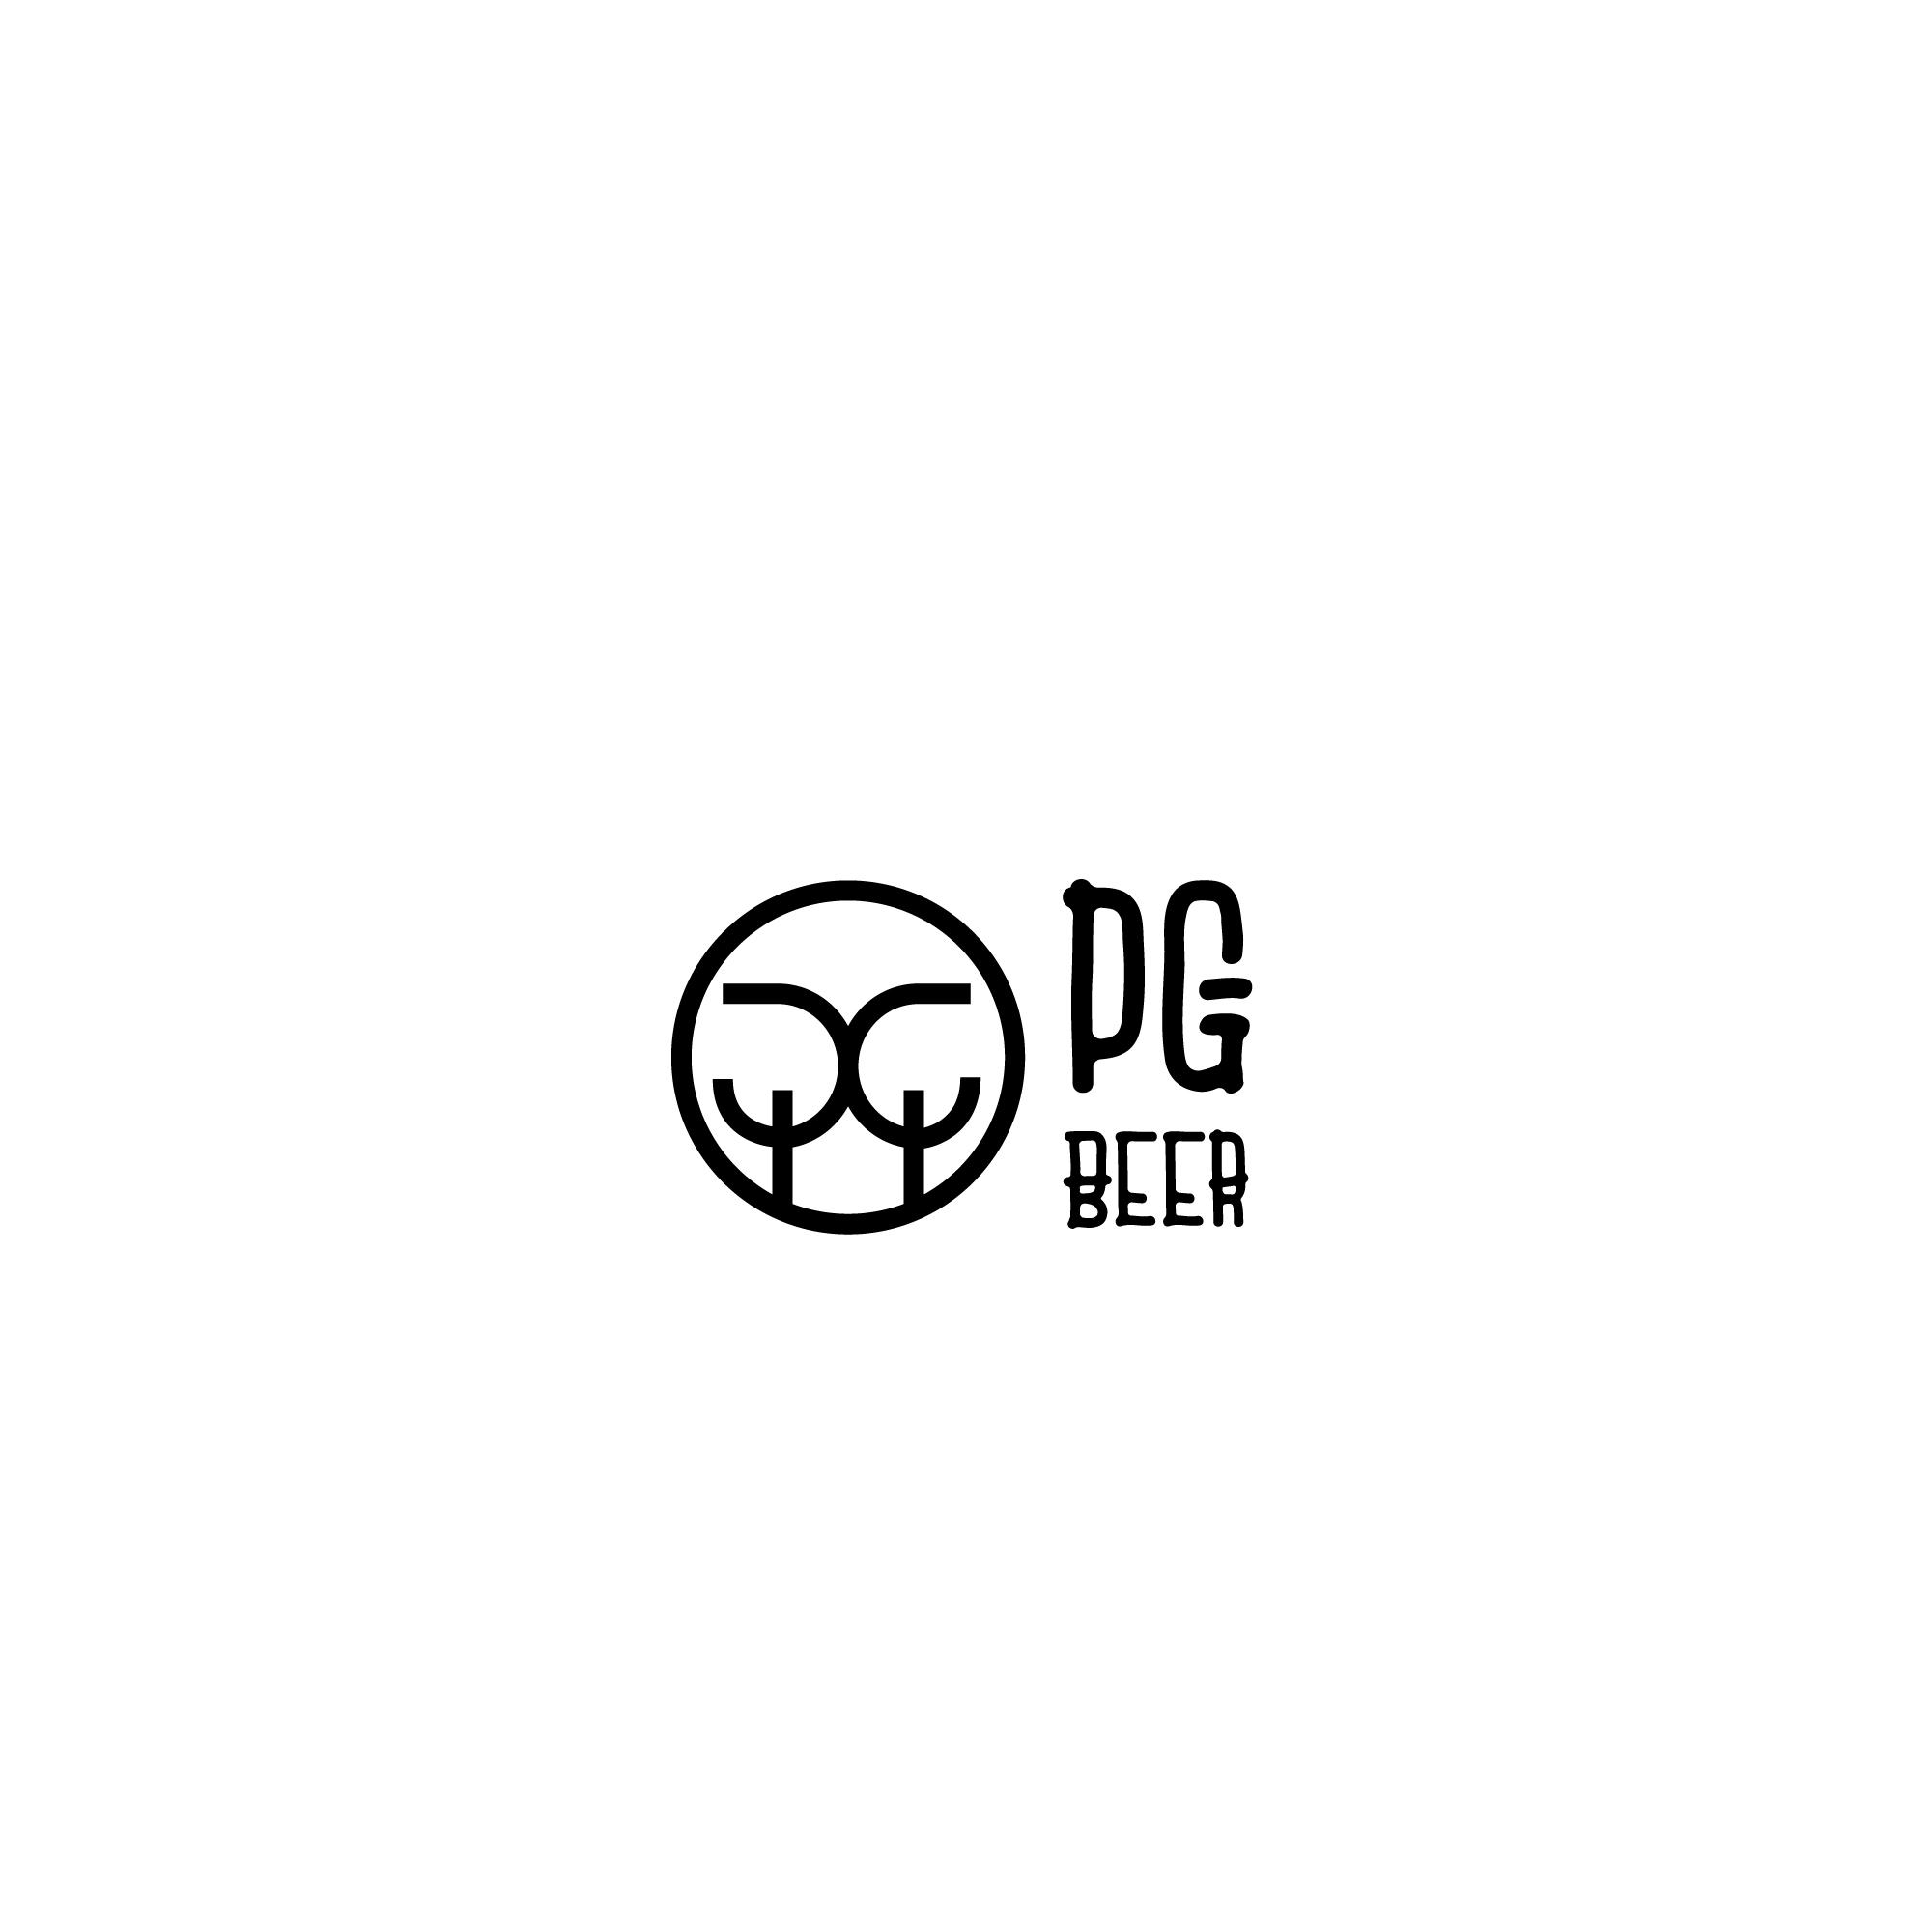 Логотип для Крафтовой Пивоварни фото f_3845cb4c781bf79a.jpg